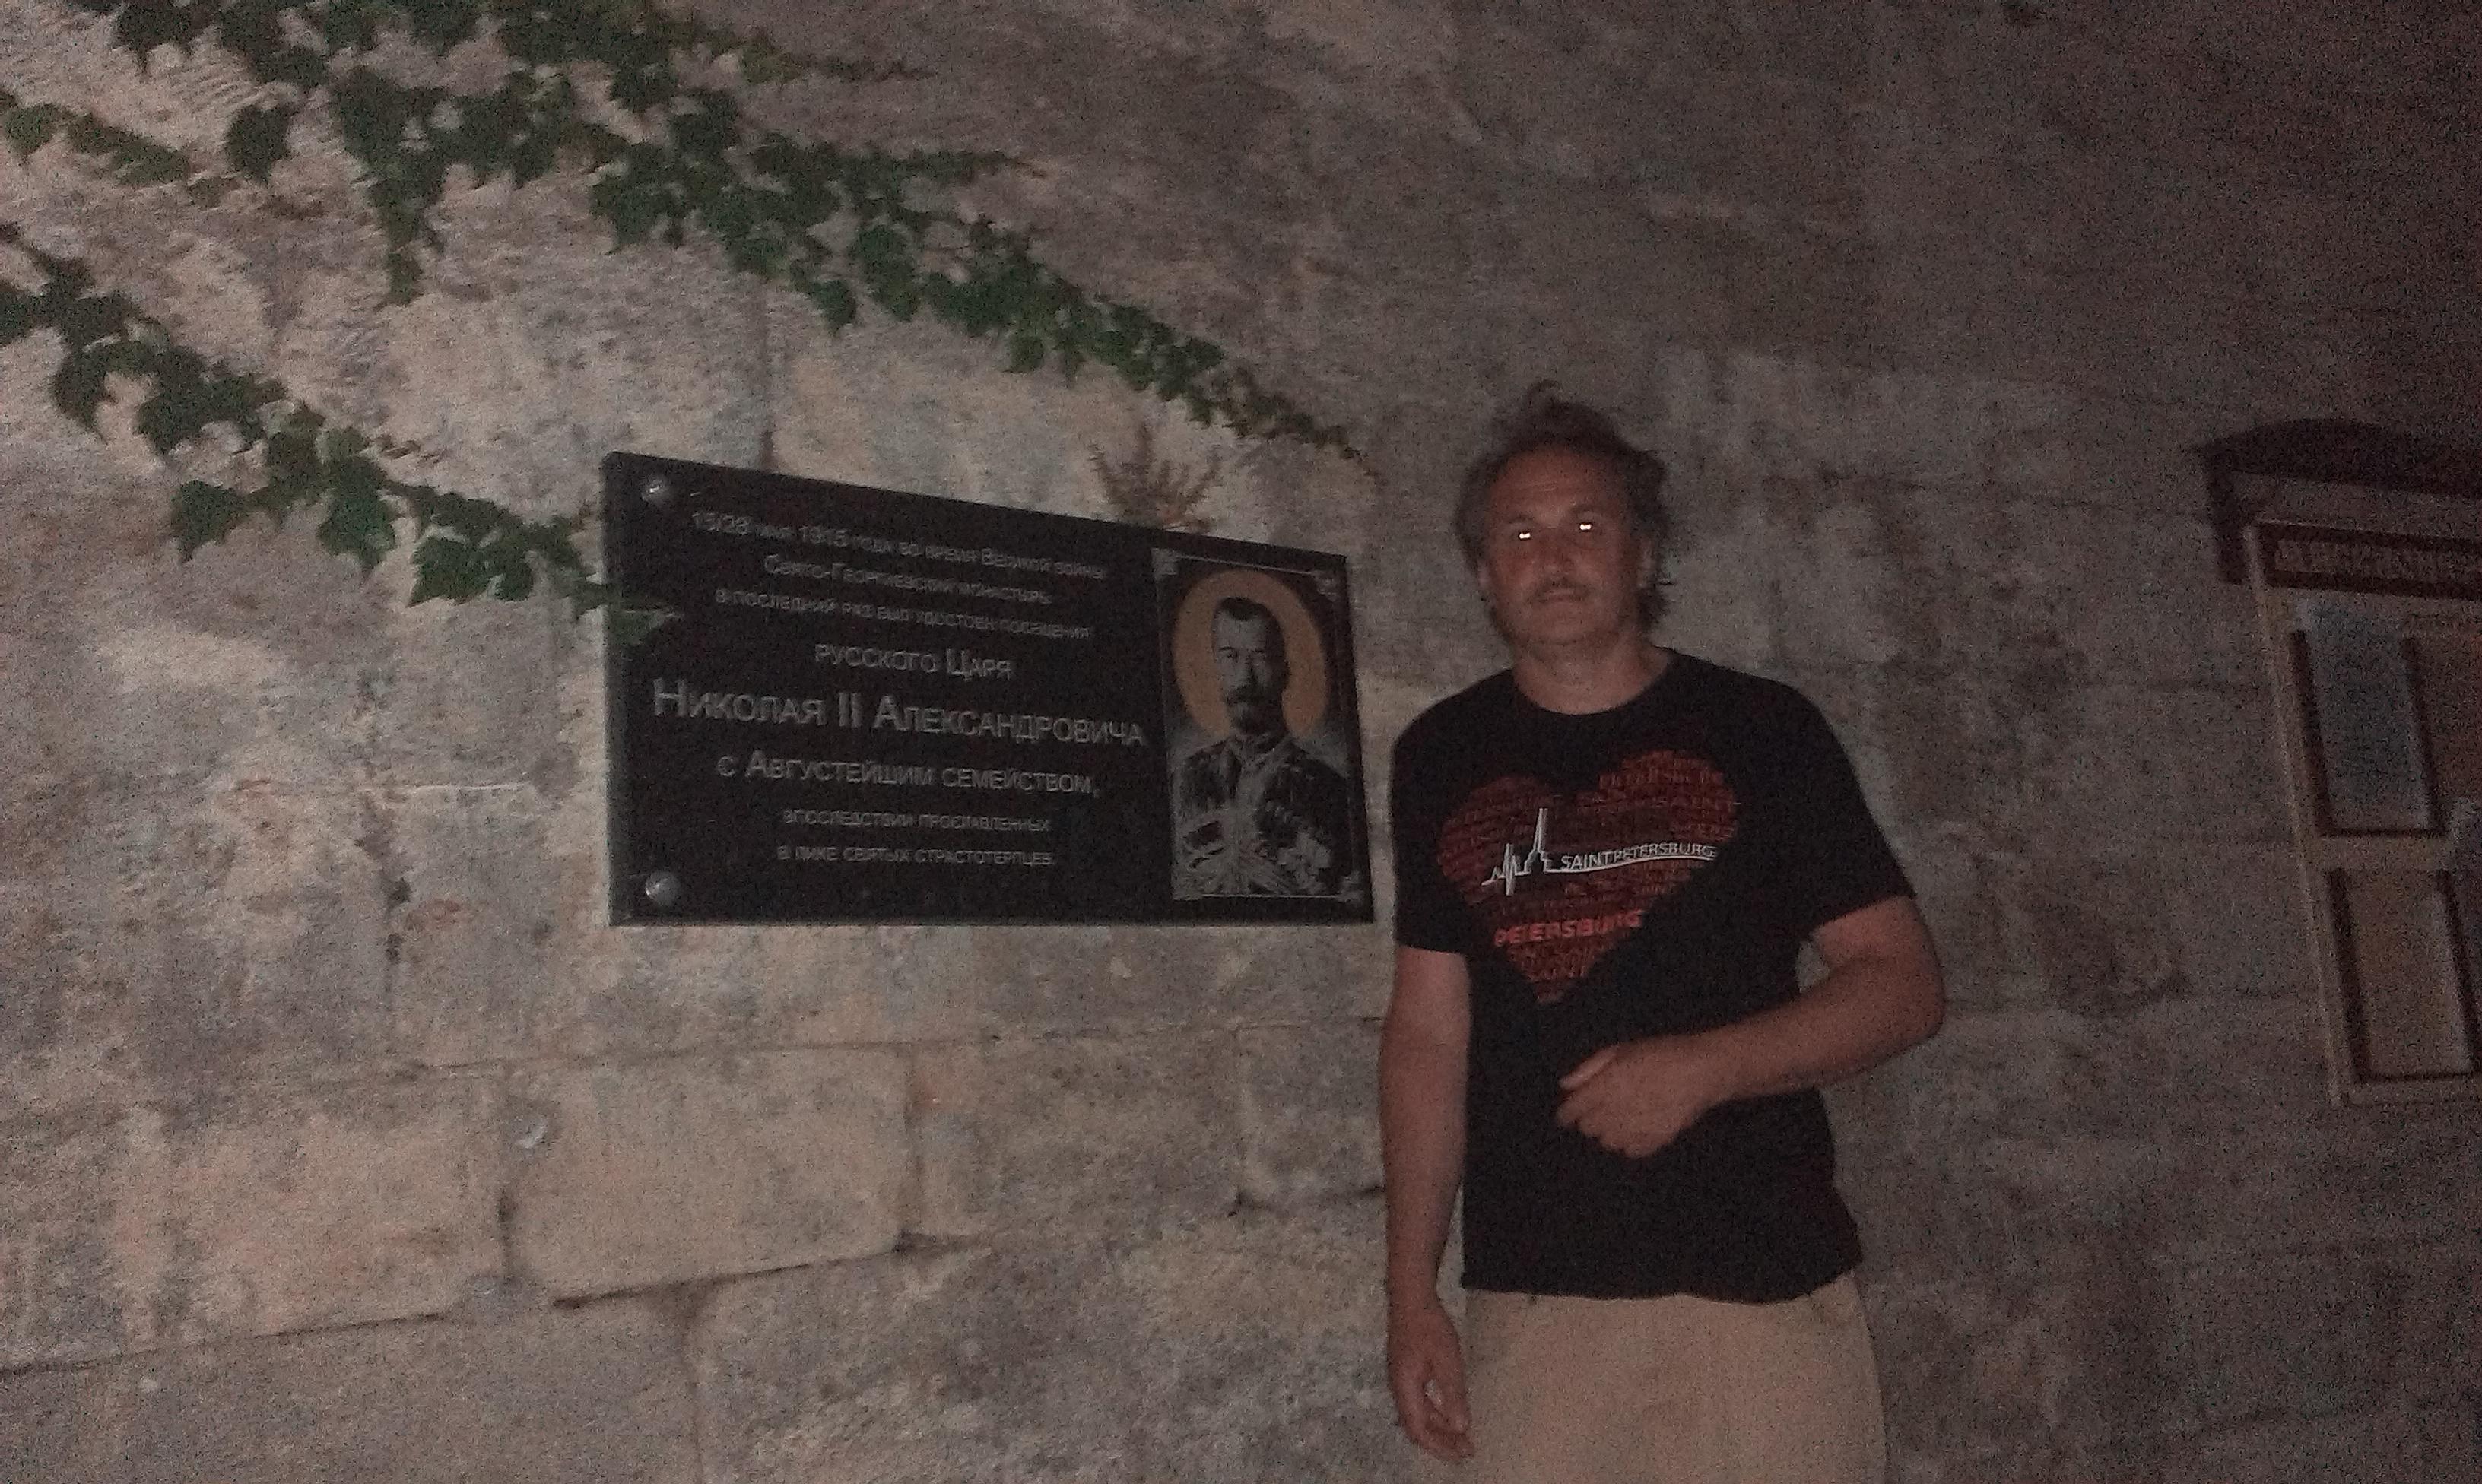 Барановский А.В. в Фиоленте.jpg